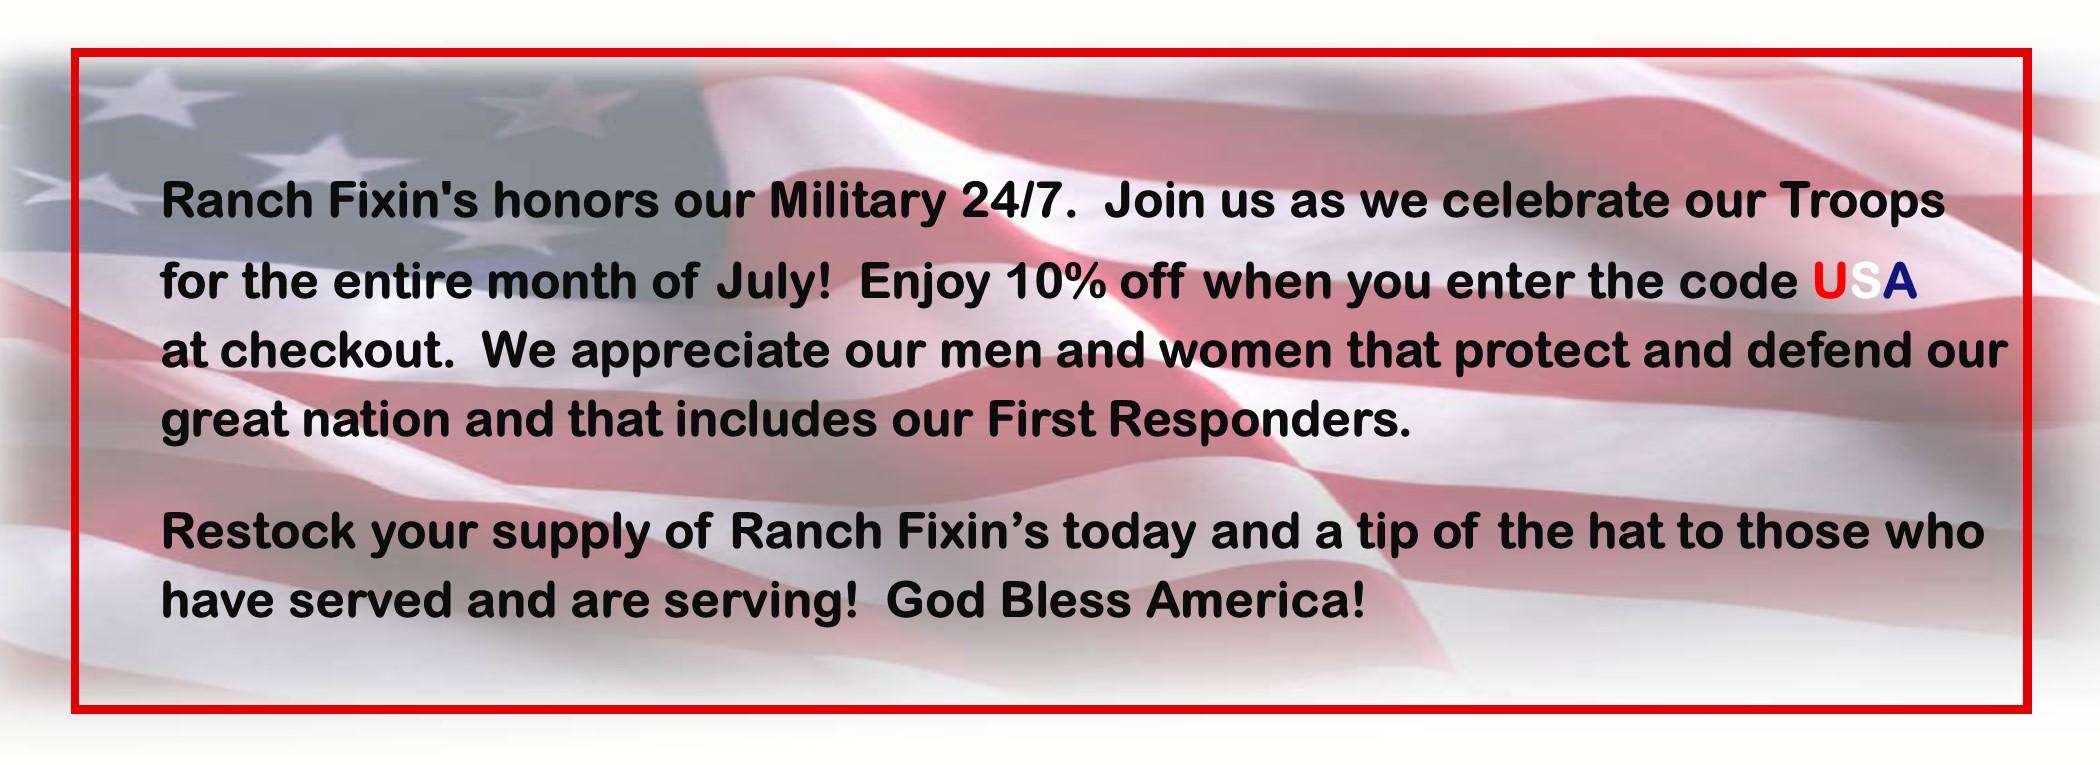 july-military-banner-website-2019-.jpg